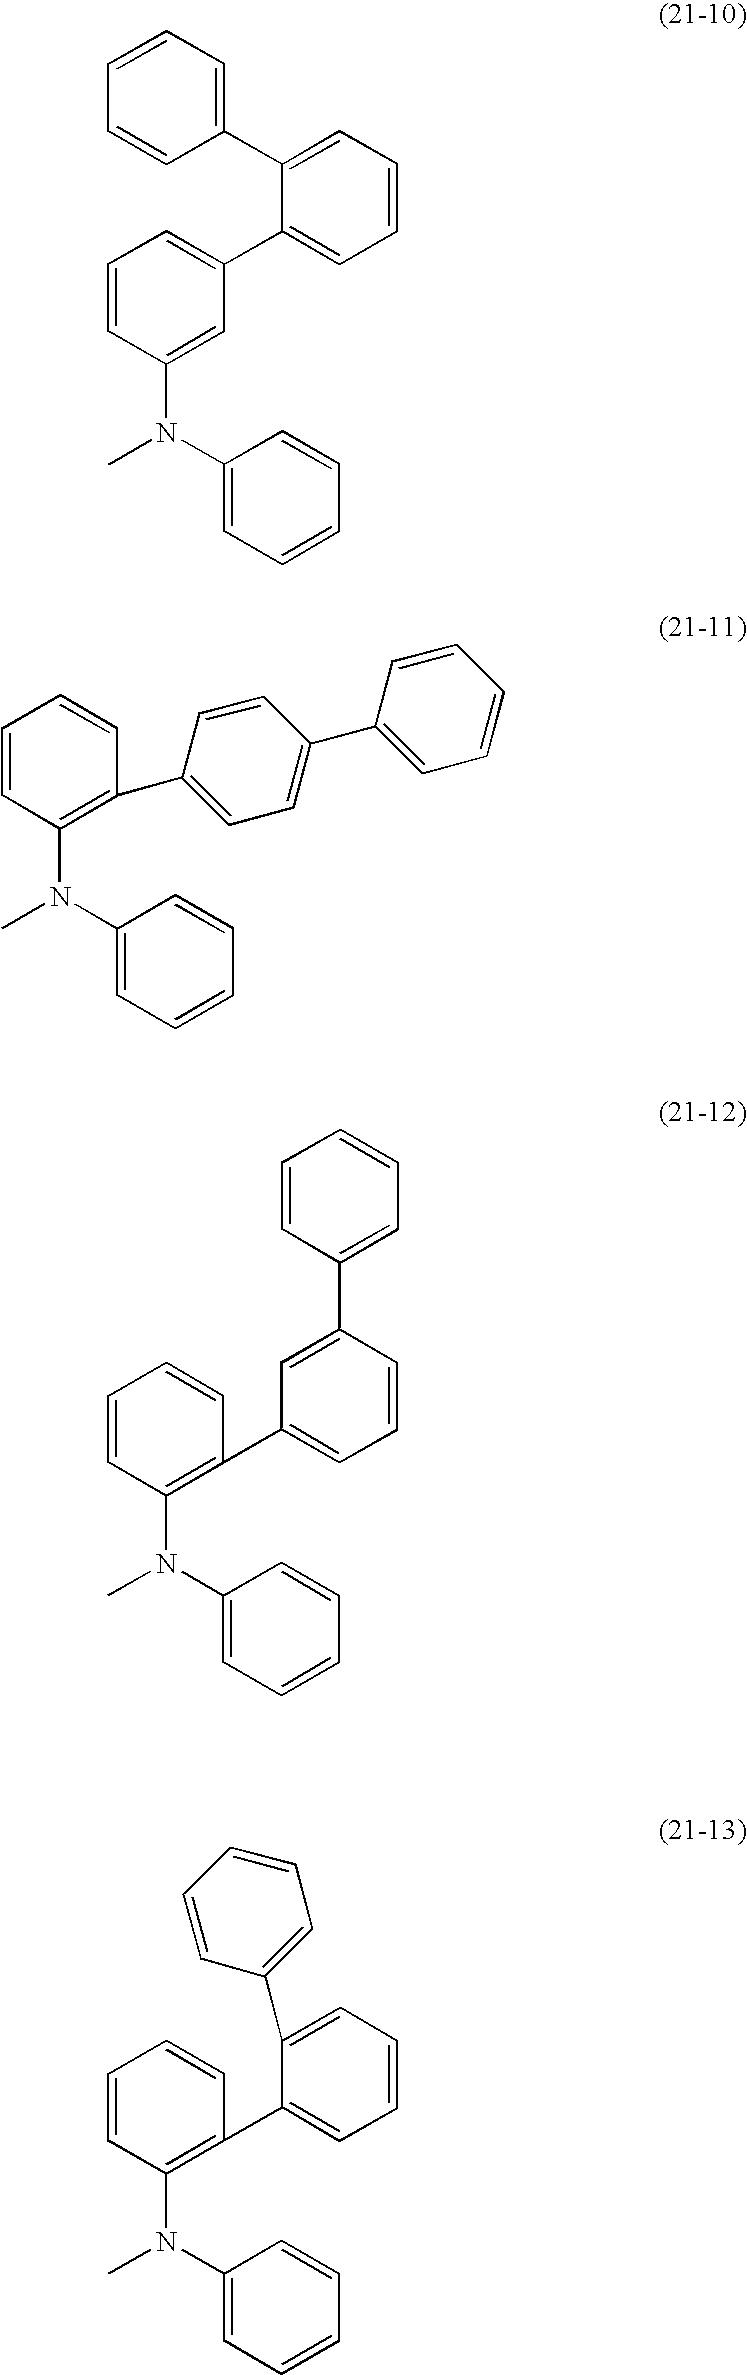 Figure US08178216-20120515-C00019